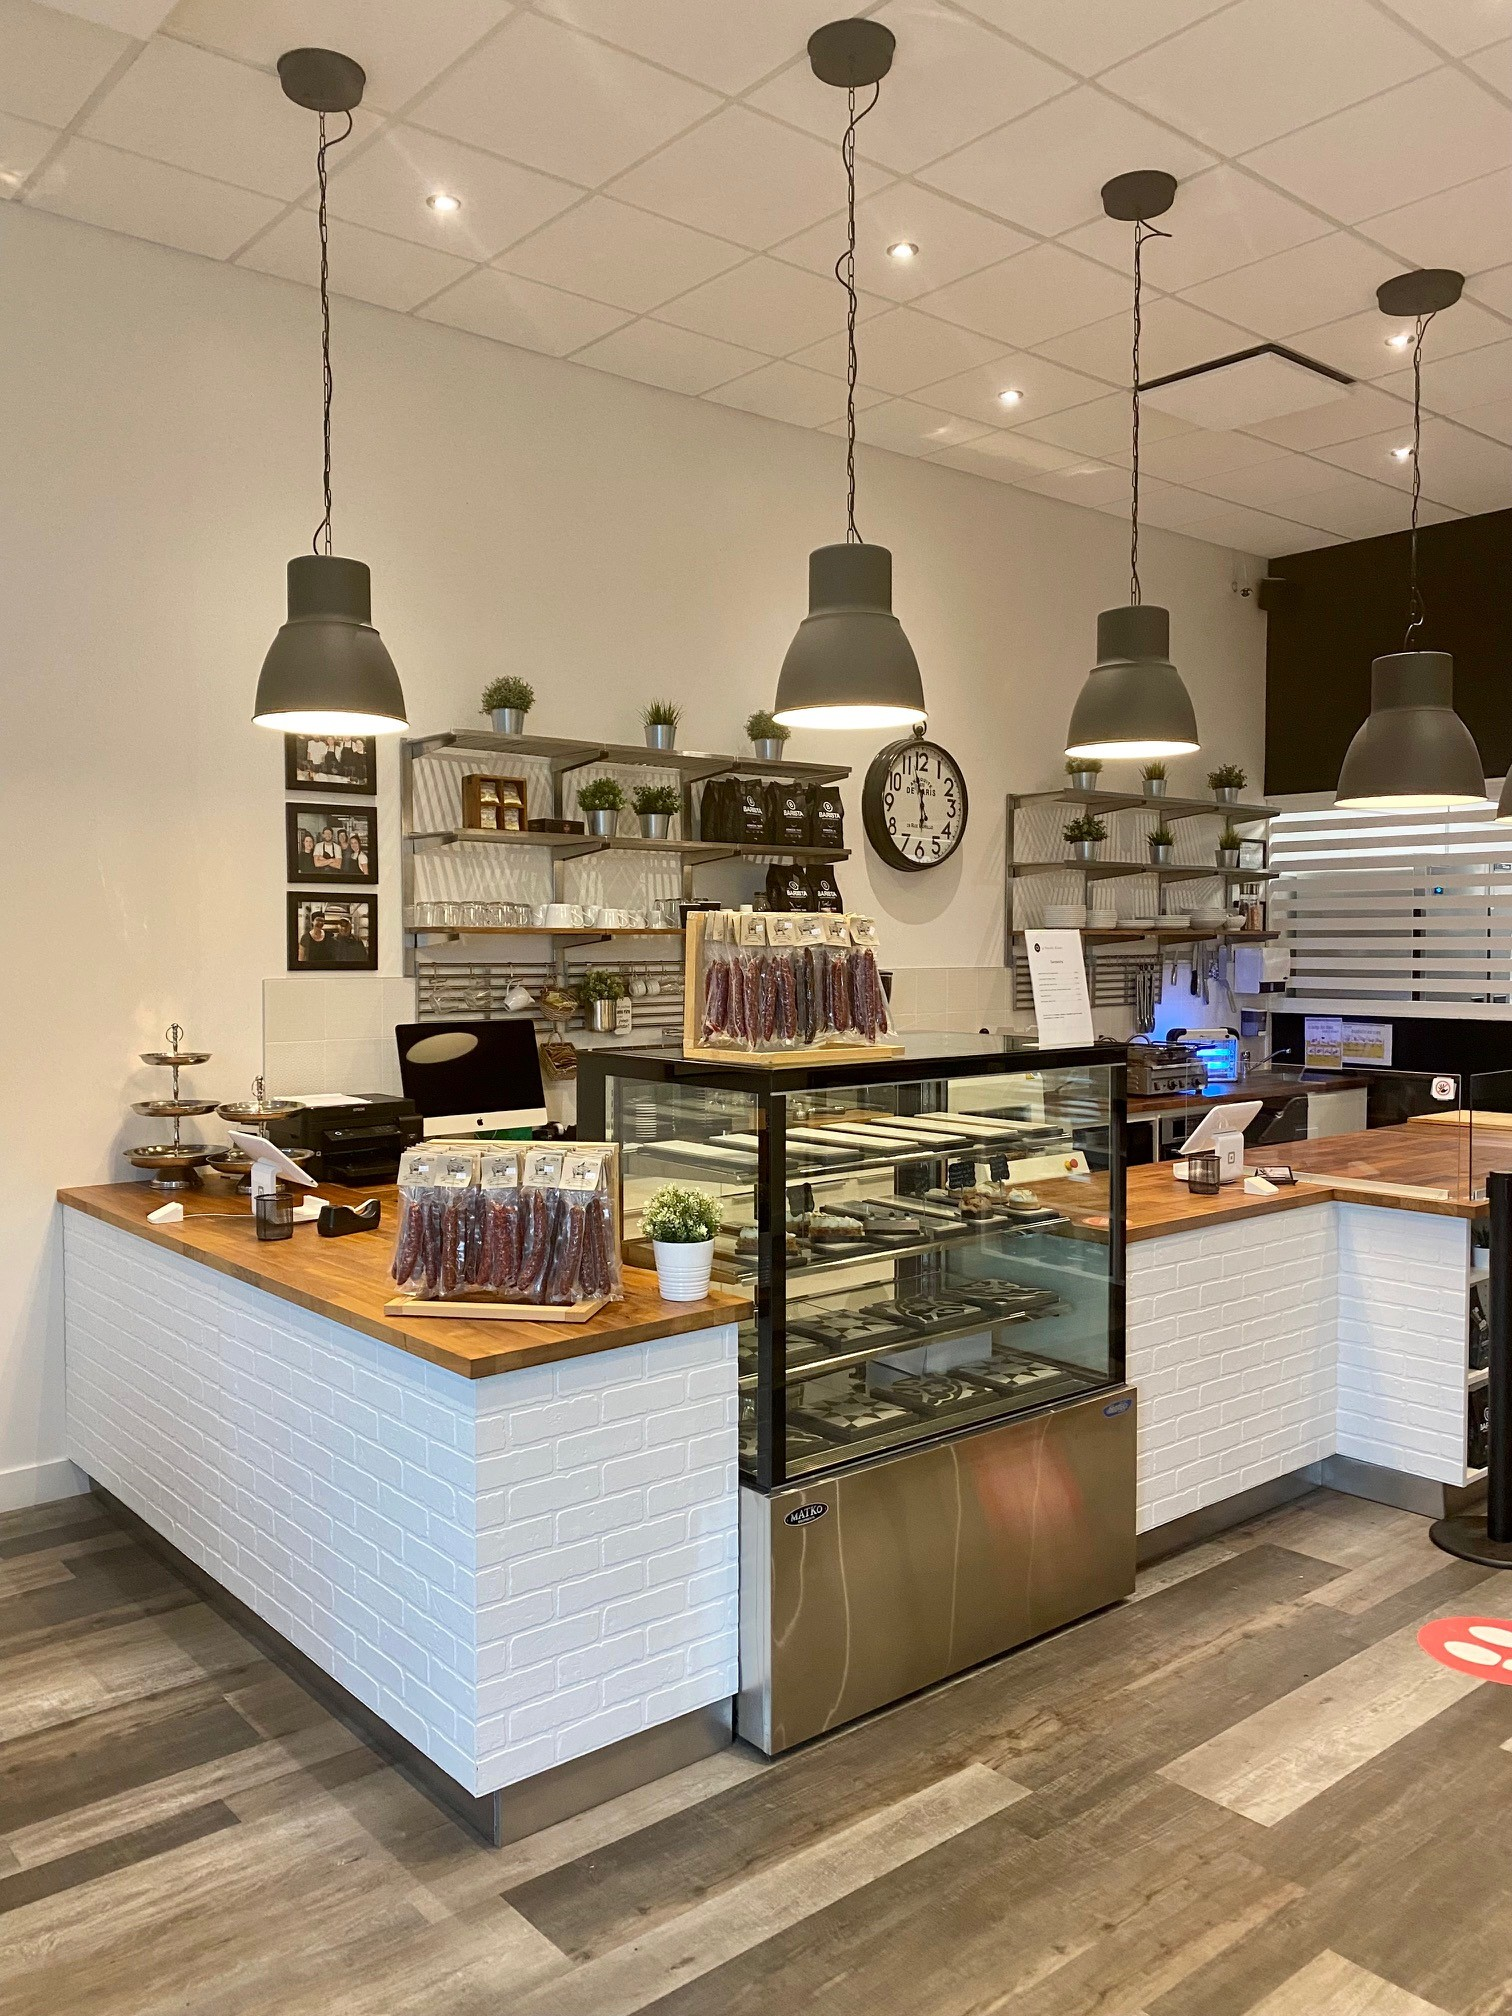 Vente Boulangerie, Pâtisserie artisanale récemment rénovée Rive-Sud de Montréal au Canada